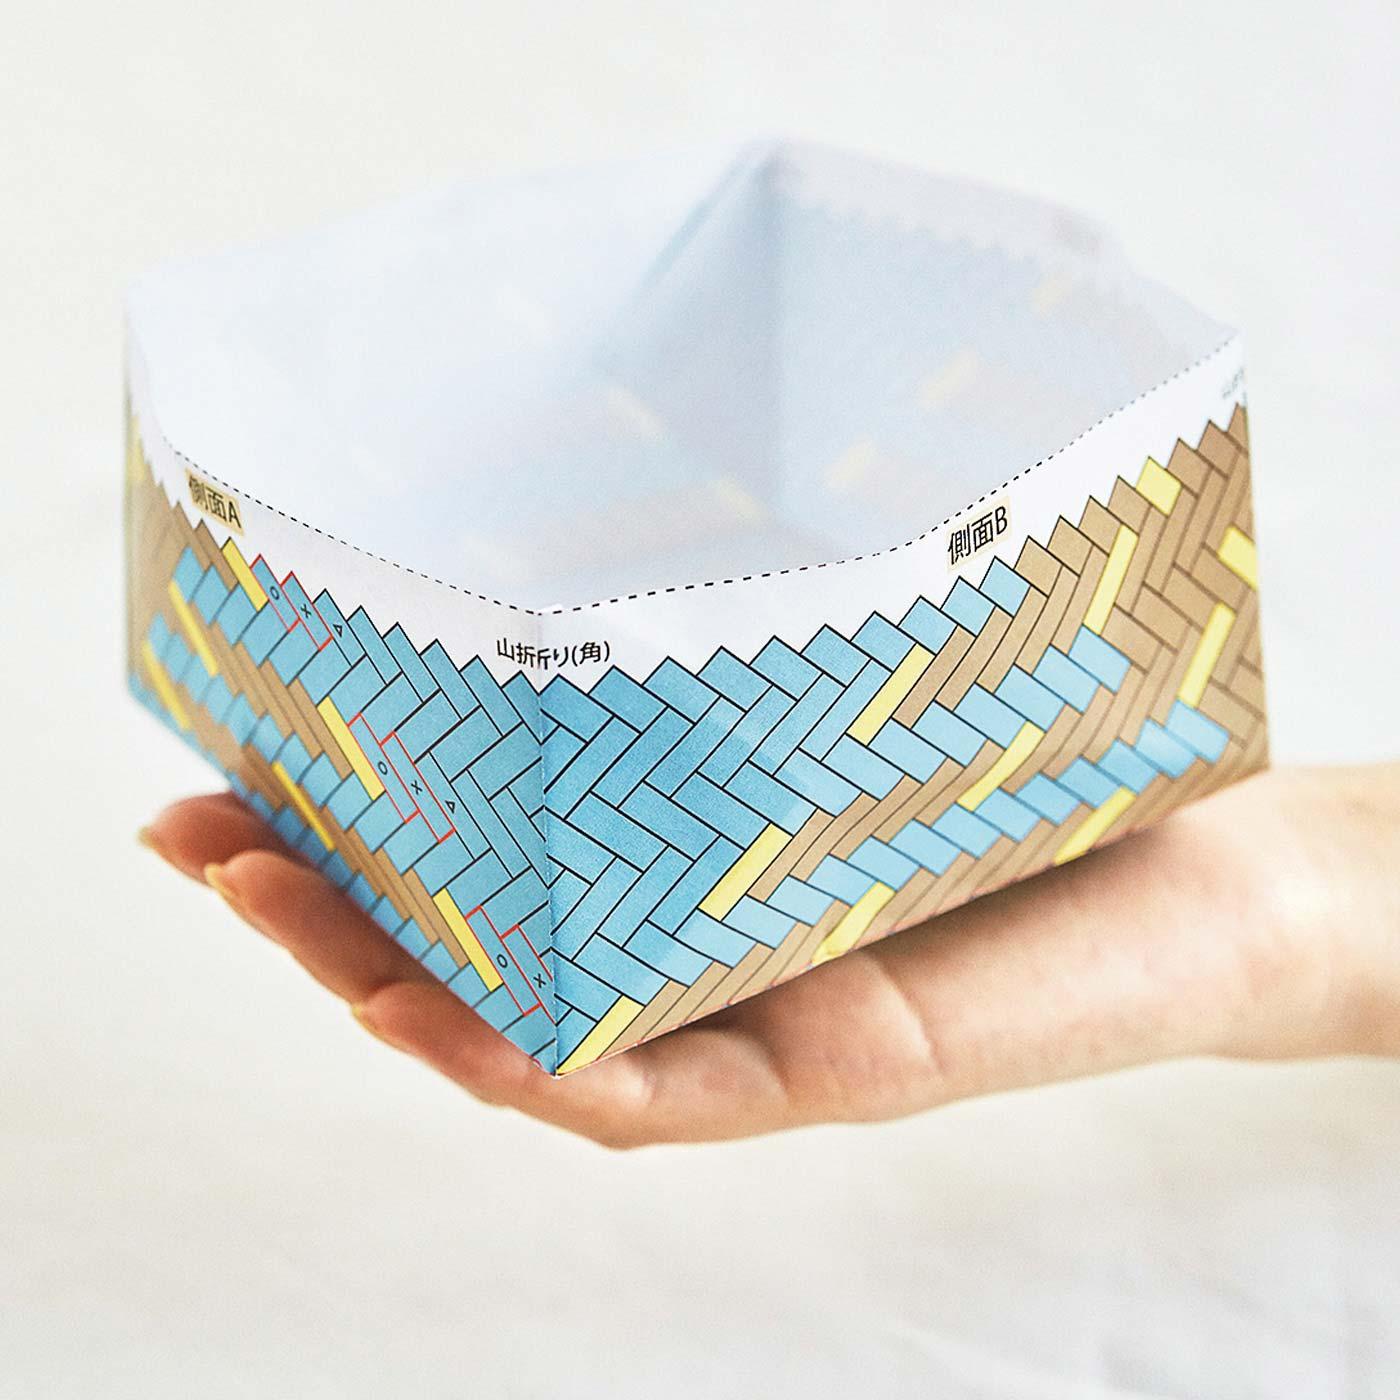 側面の完成イメージがつかみやすい模型付きのデザインもあります。